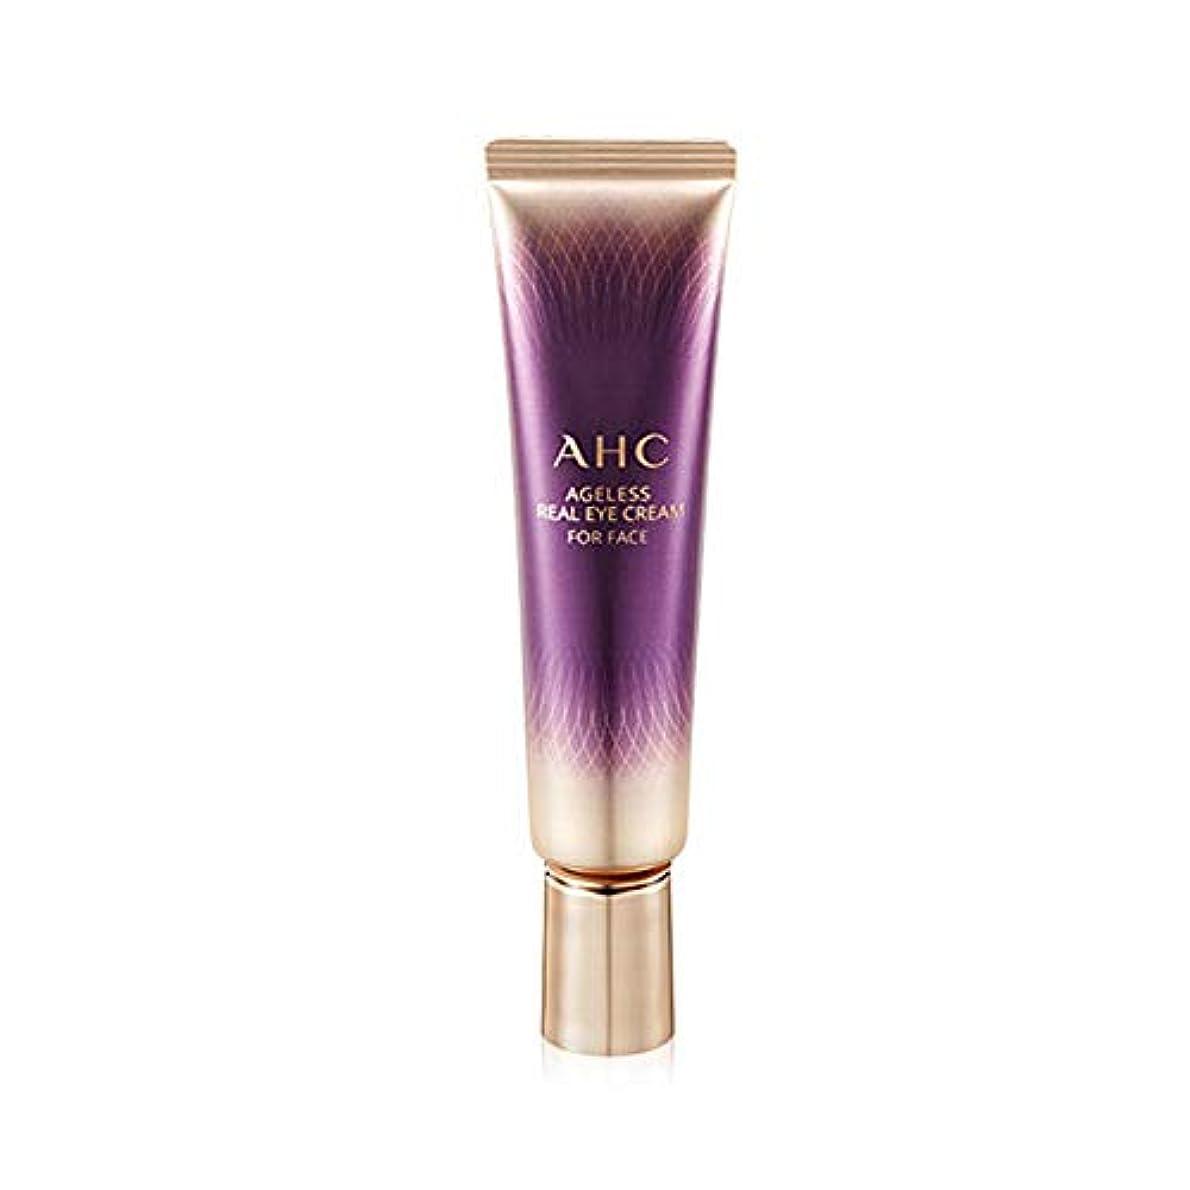 AHC(エーエイチシー) エイジレスリアルアイクリーム フォーフェイス 30ml2個セット